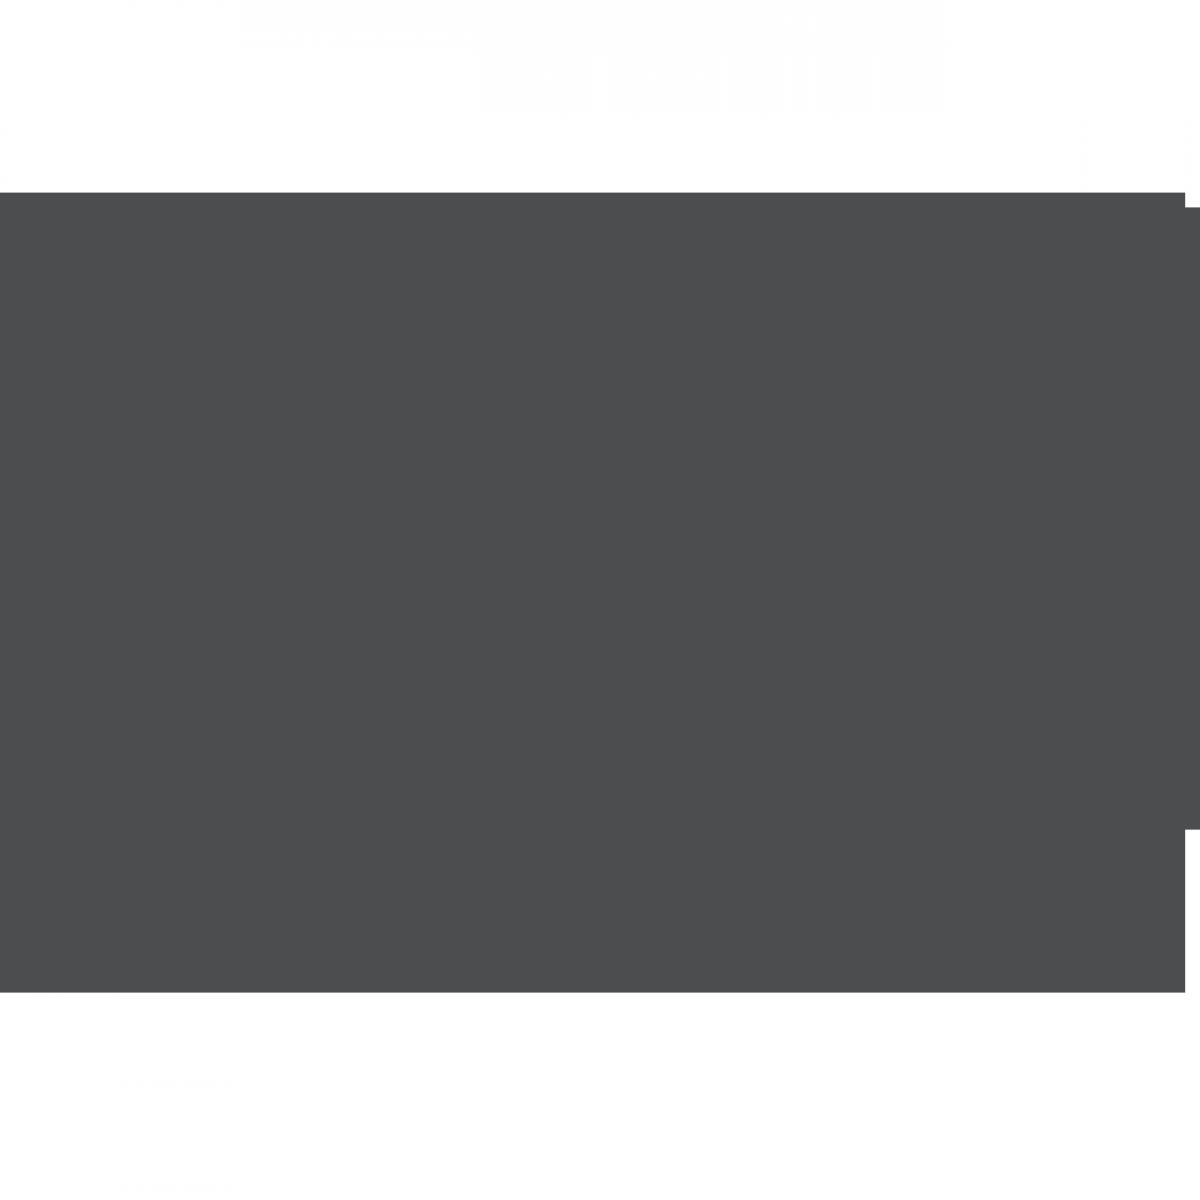 Varme-ikon